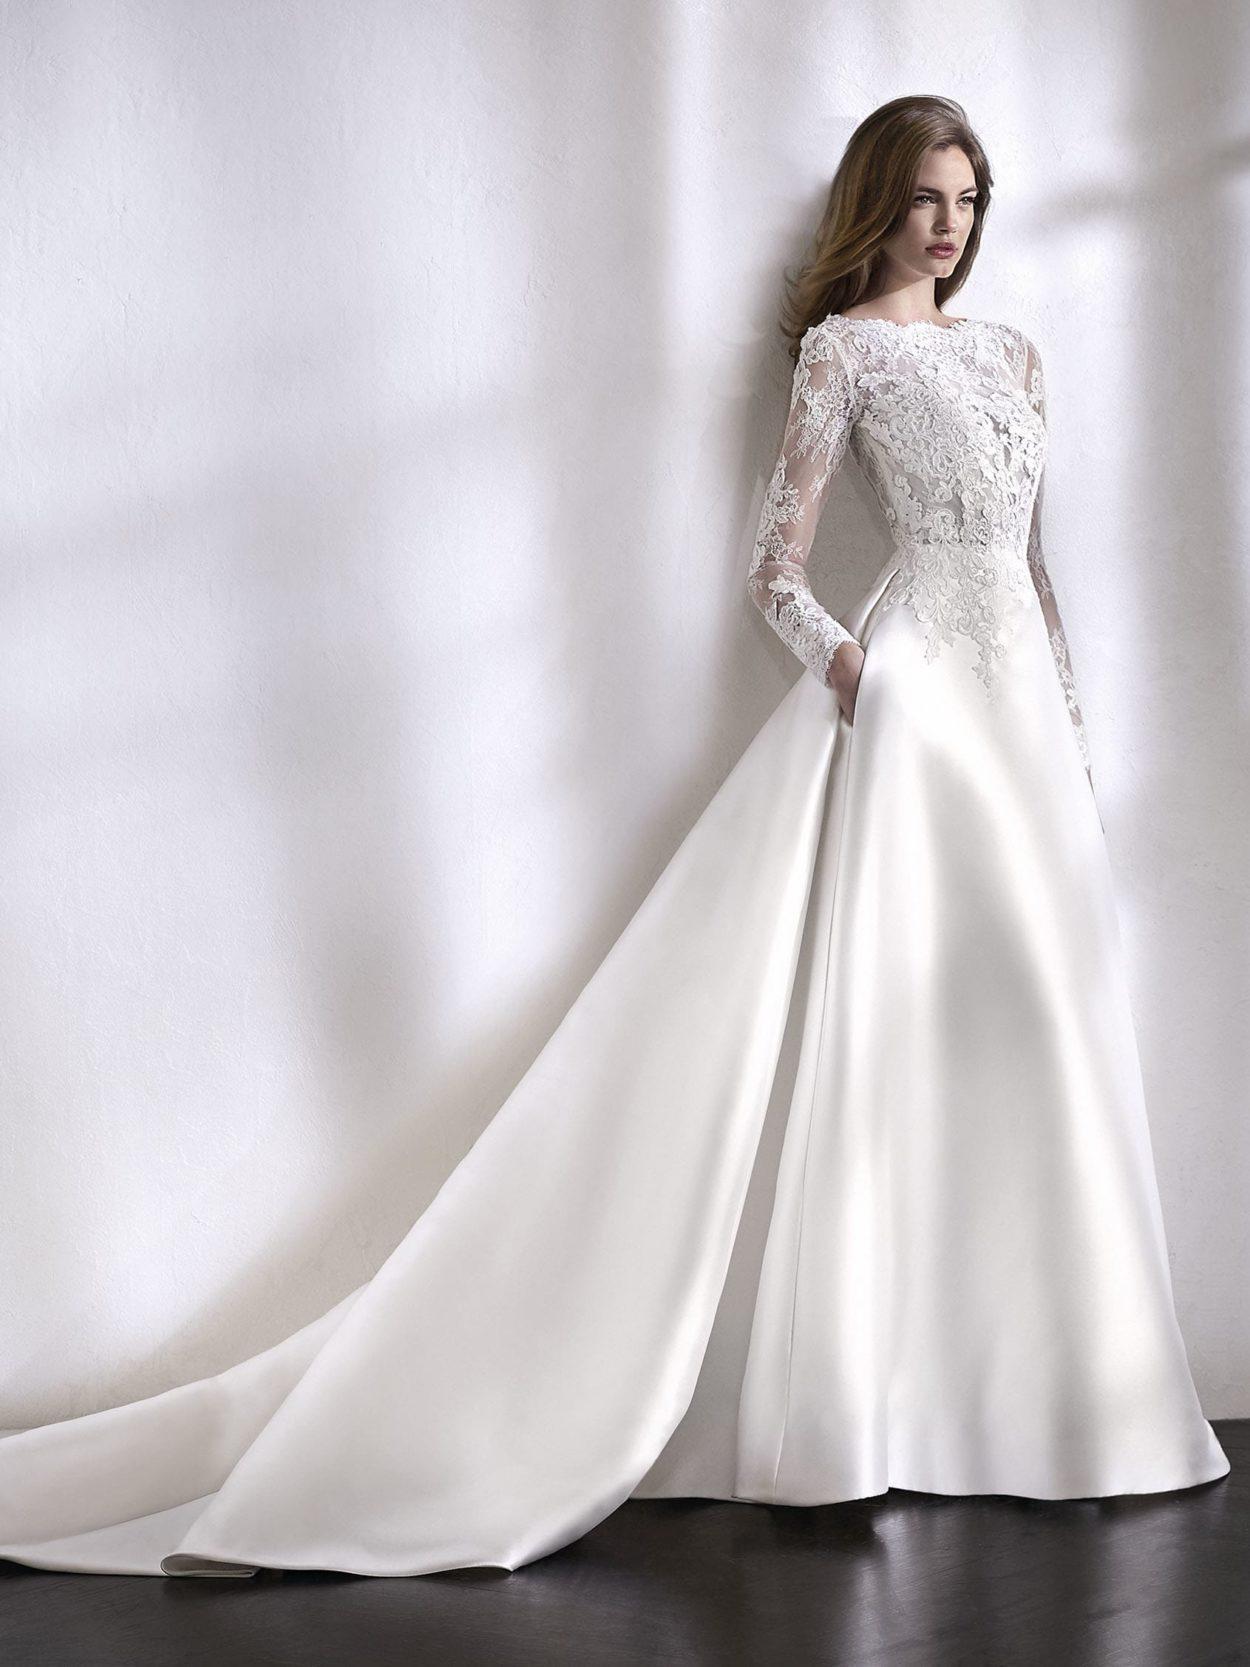 Atlasnoje_svadebnoe_platie (72)